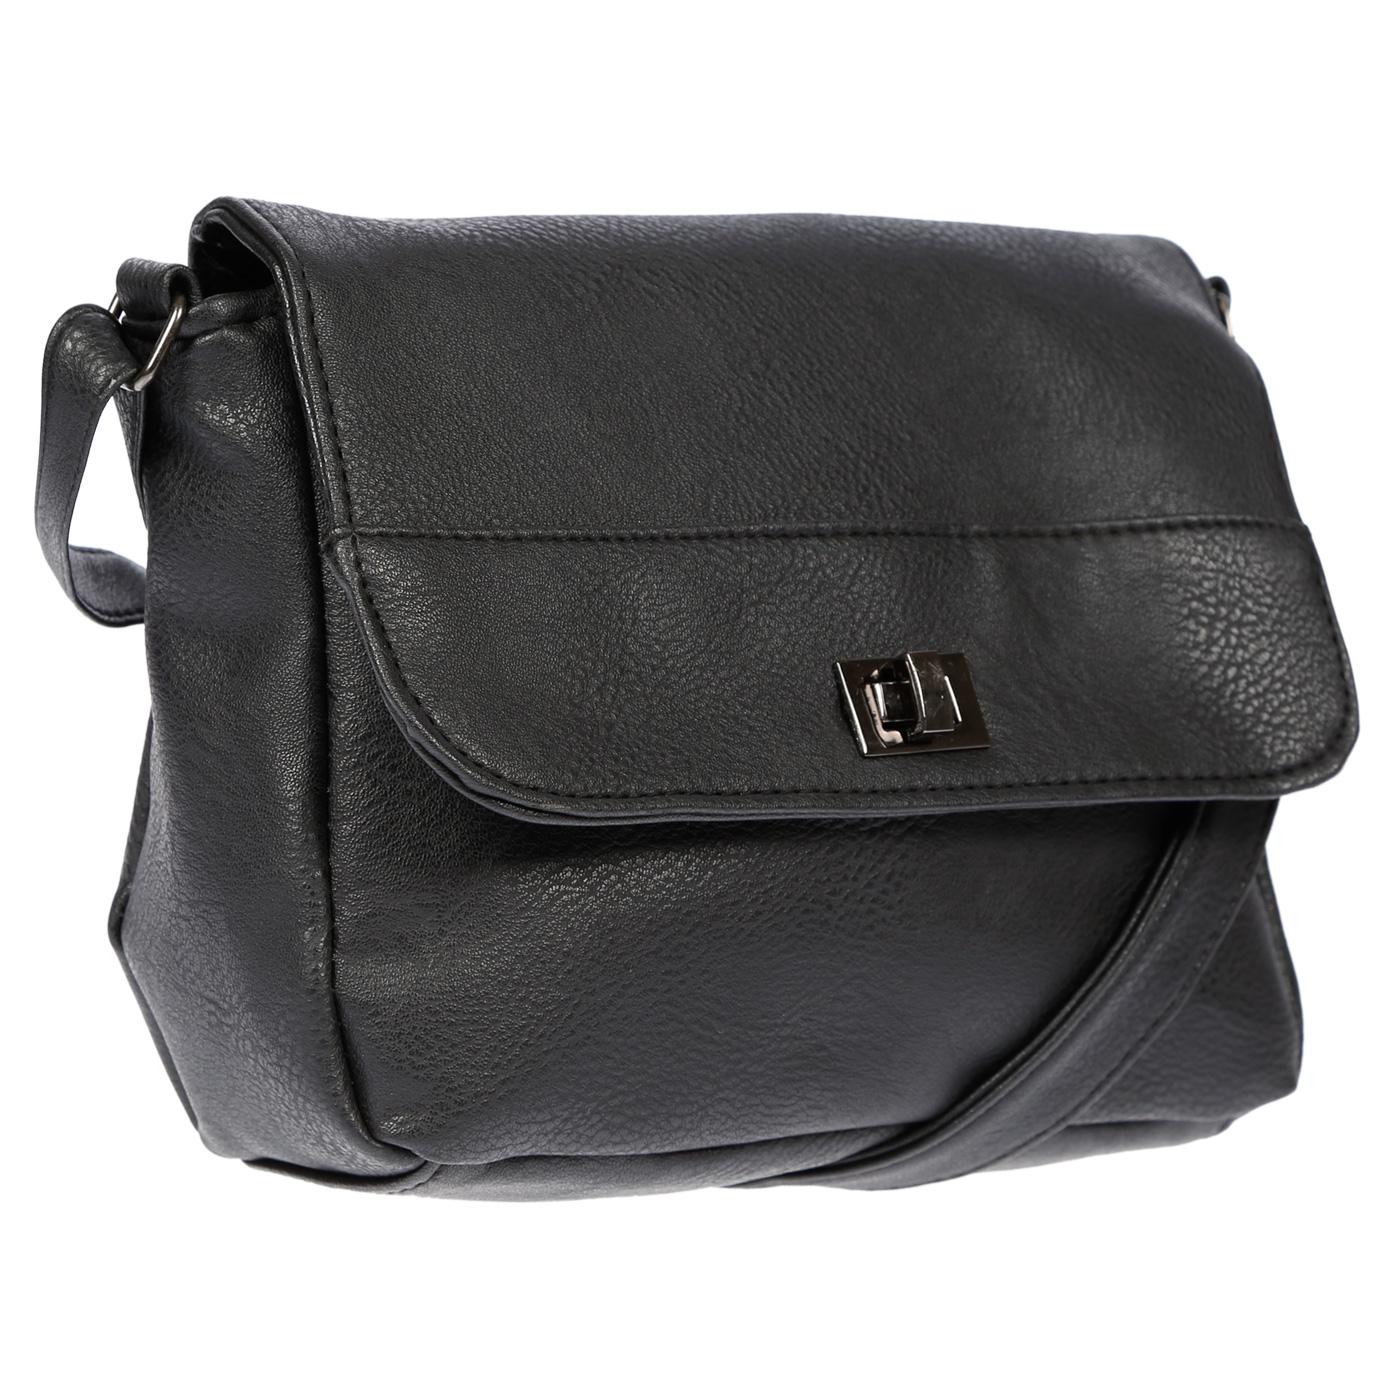 Kleine-Damen-Tasche-Umhaengetasche-Schultertasche-Crossover-Bag-Leder-Optik-NEU Indexbild 14